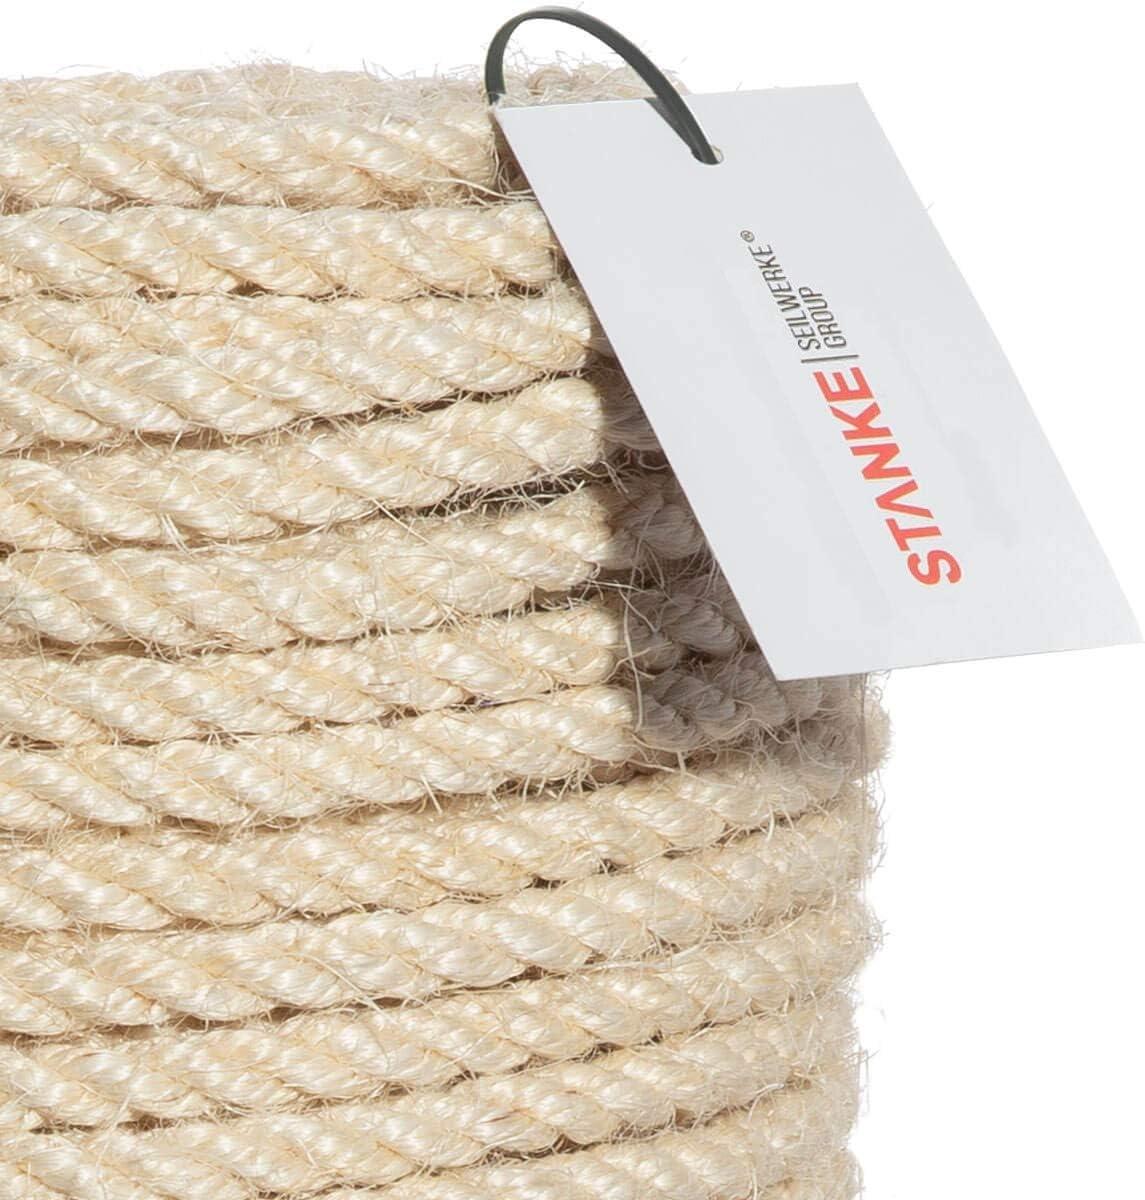 Seilwerk STANKE Corde de sisal Torsad/ée 10 m 18 mm Fibress Naturelles Corde Naturelle Grattoir pour Chat